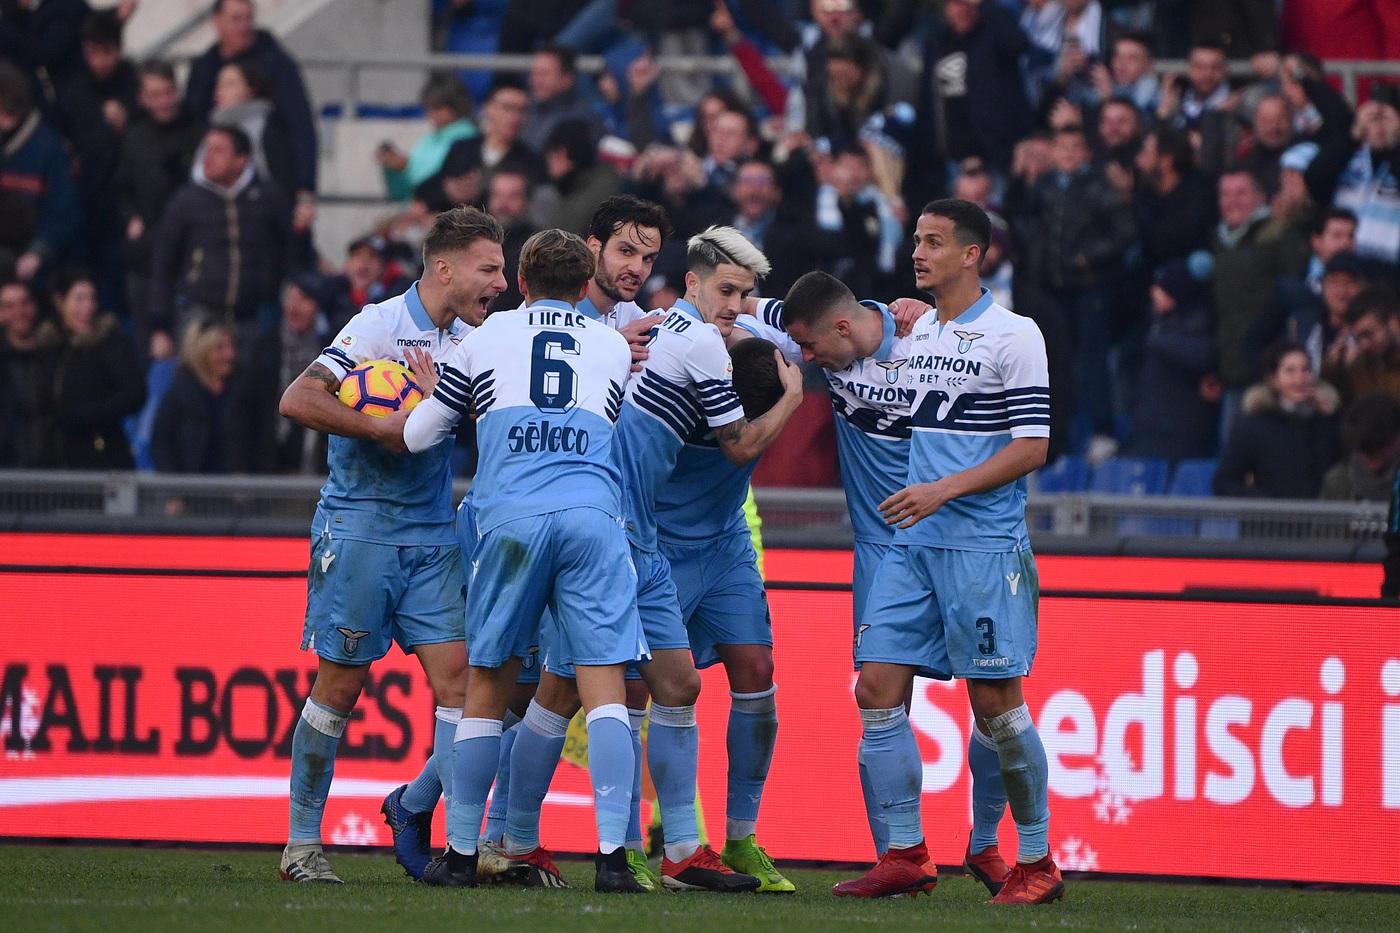 Lazio e Torino chiudono il 2018 con un punto a testa al termine di una gara equilibrata e molto nervosa. All'Olimpico finisce 1-1, con i granata che sbloccano il match al 48' del primo tempo grazie a un calcio di rigore di Belotti assegnato per fallo di Marusic sul Gallo. Milinkovic trova il pareggio al 62' con un gran destro dalla distanza, nel finale vengono espulsi Marusic (86') e Meité (90').